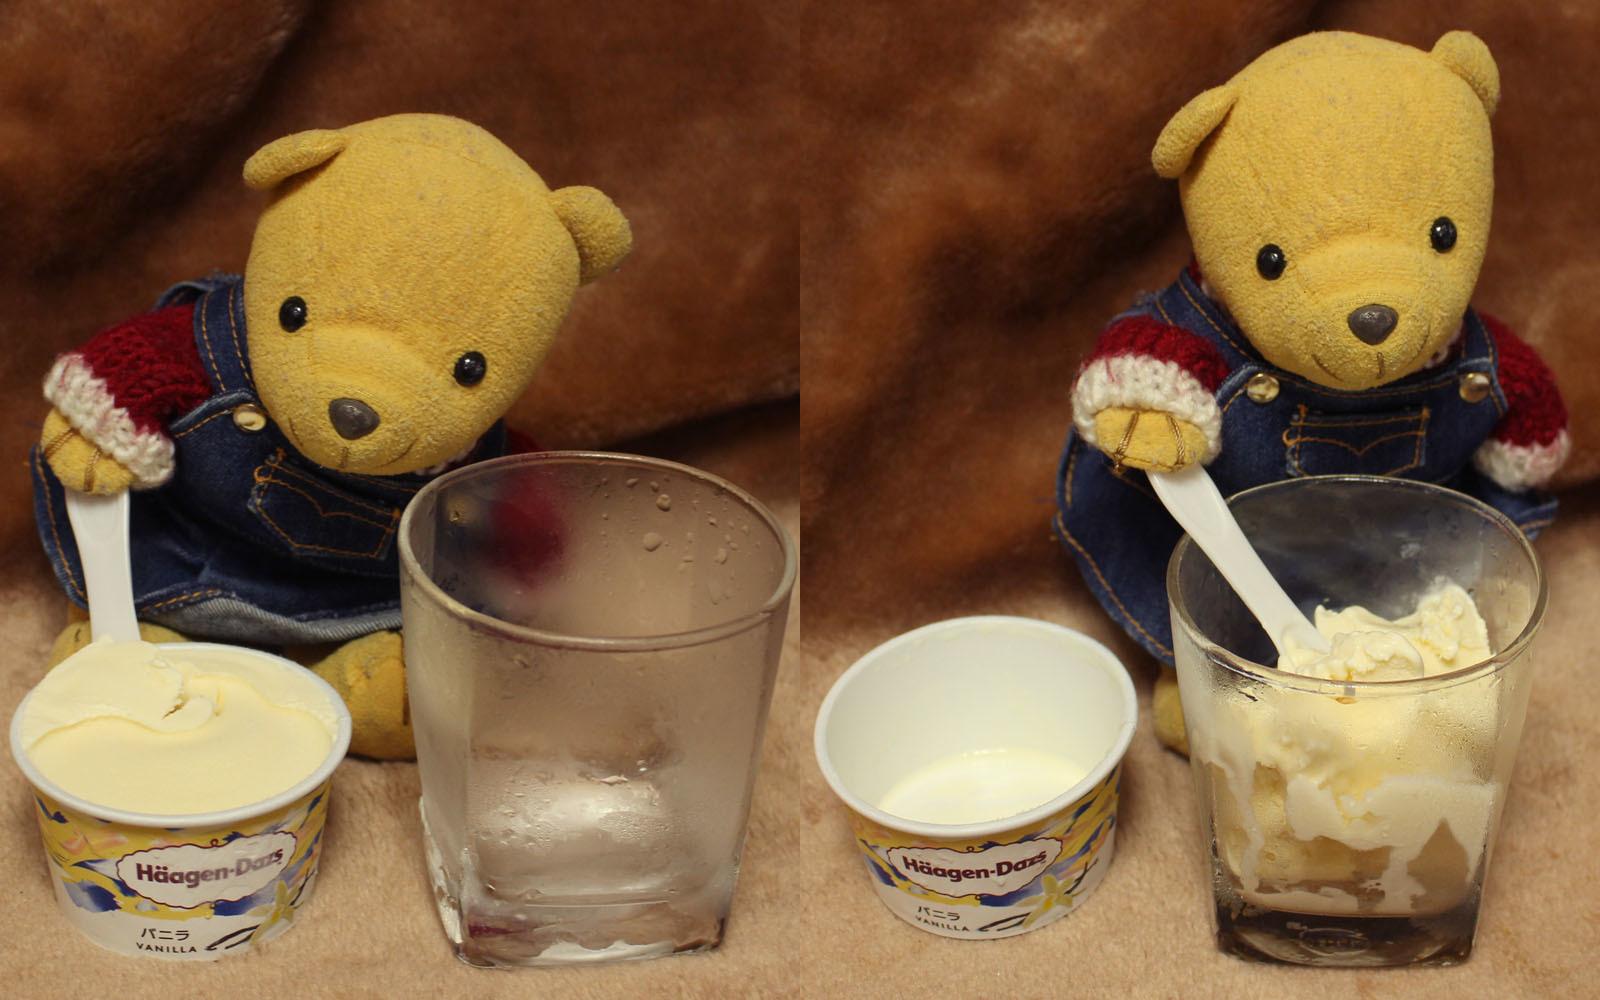 ハーゲンダッツ バニラ をグラスに 200808